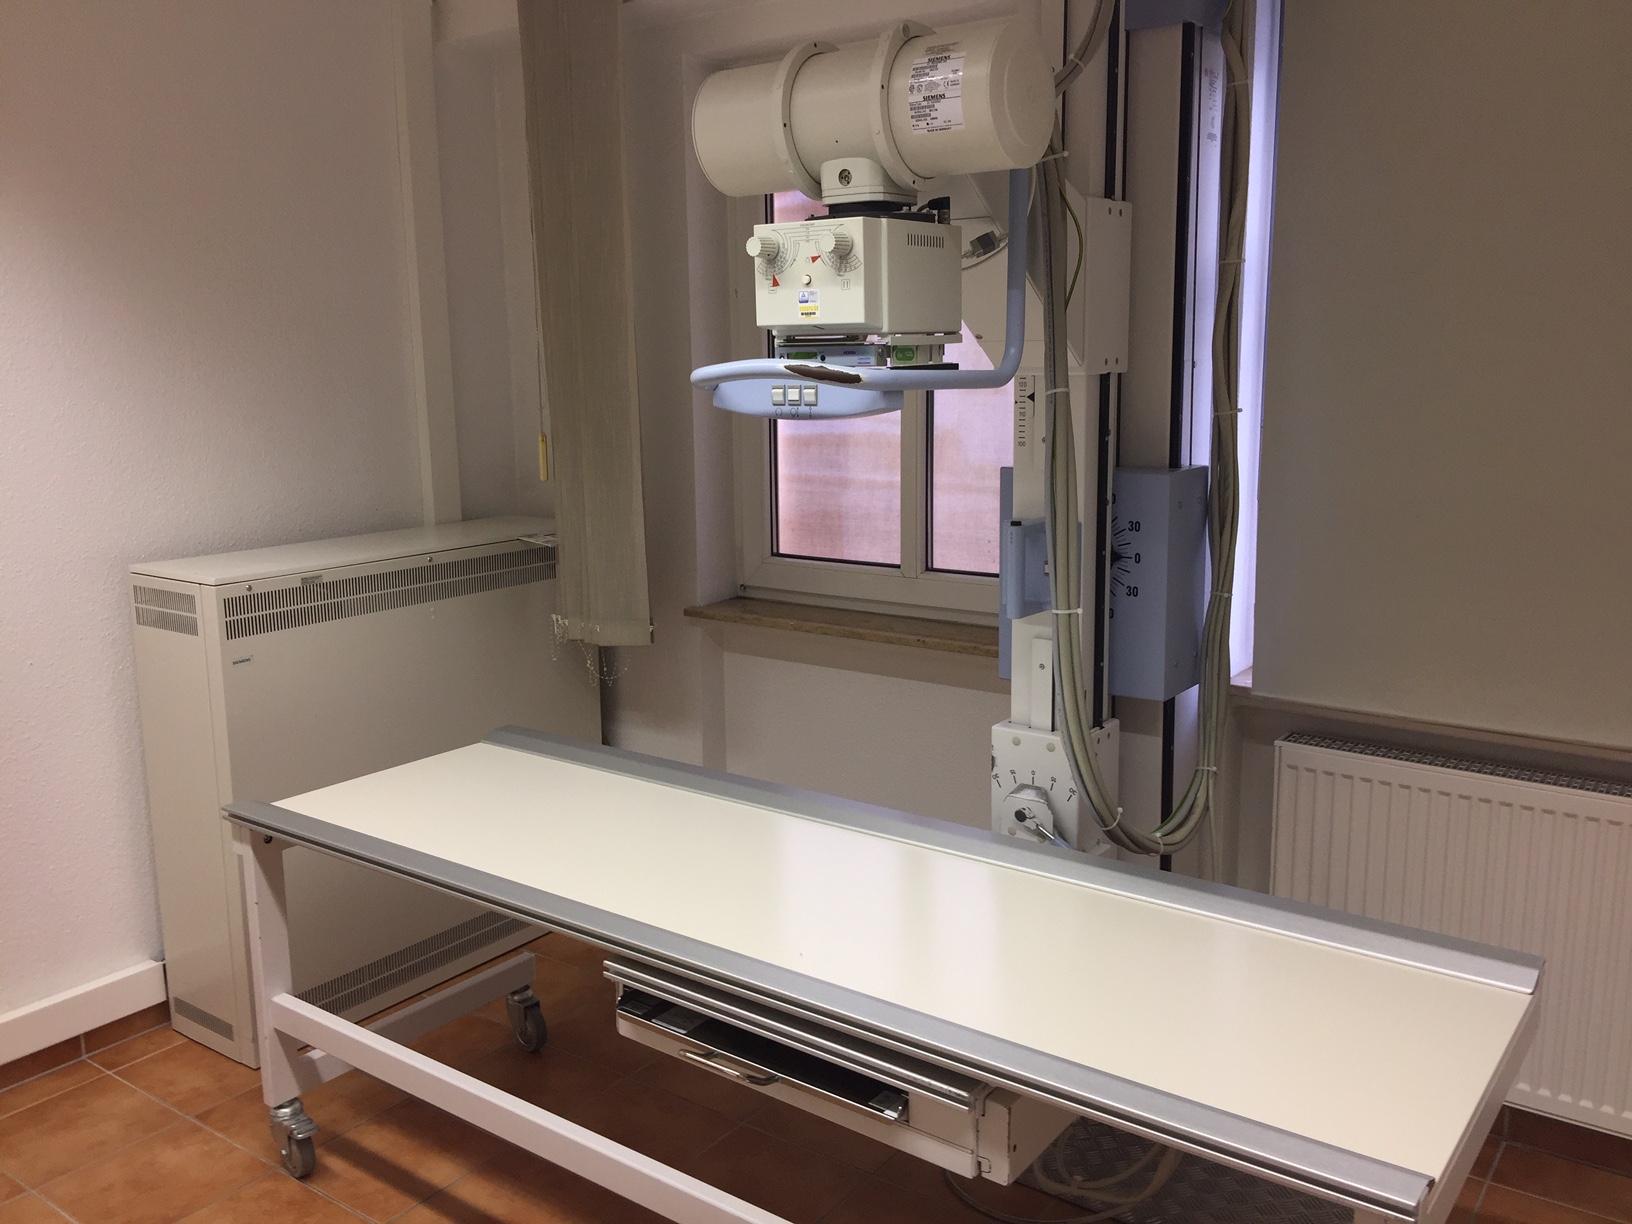 gebrauchtes Röntgengerät von Roentgen-Boehnke, Mainz